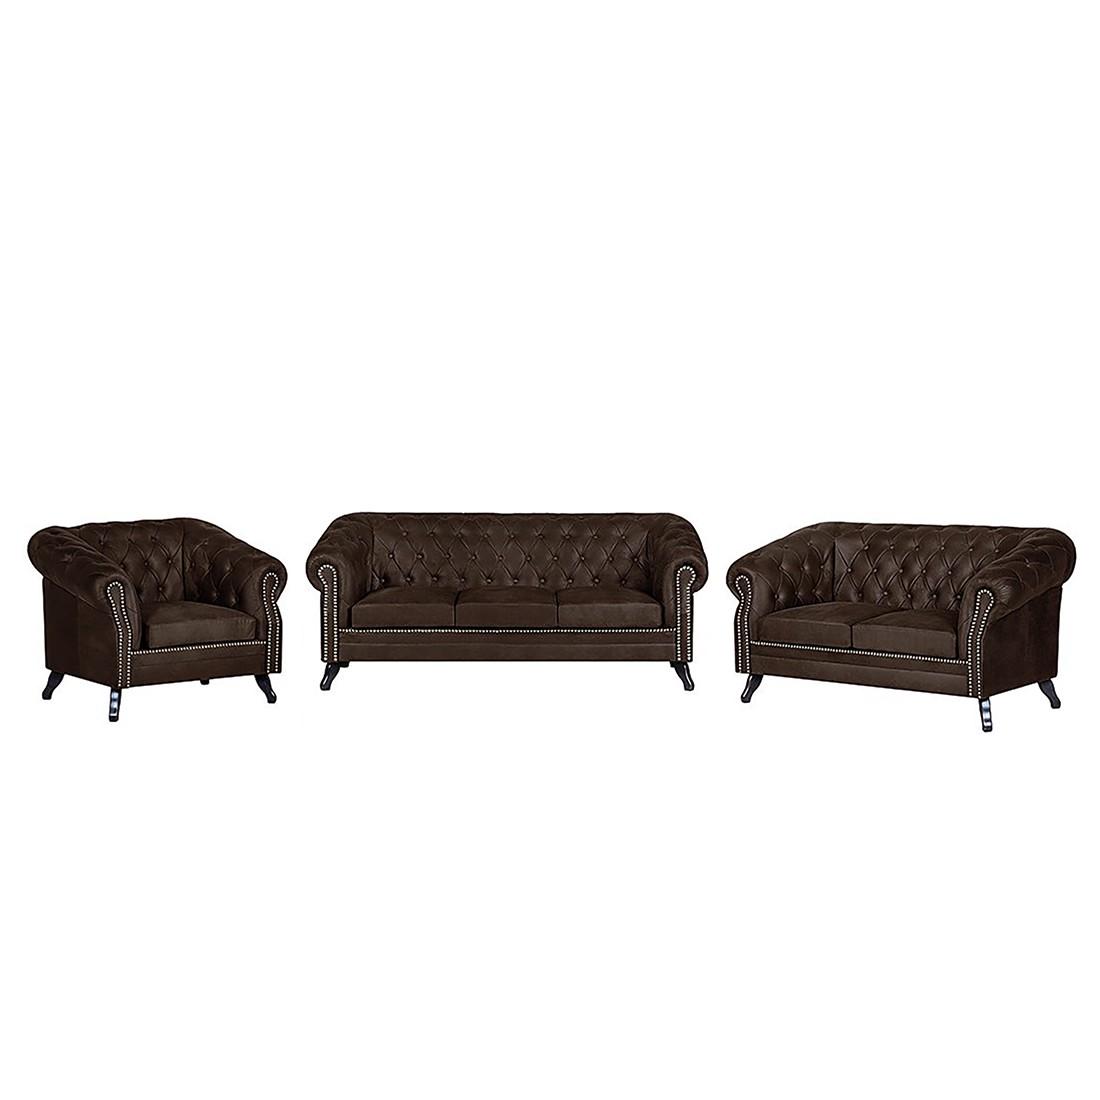 Canapé panoramique Benavente (3 -2 -1) - Aspect vieux cuir marron foncé, ars manufacti